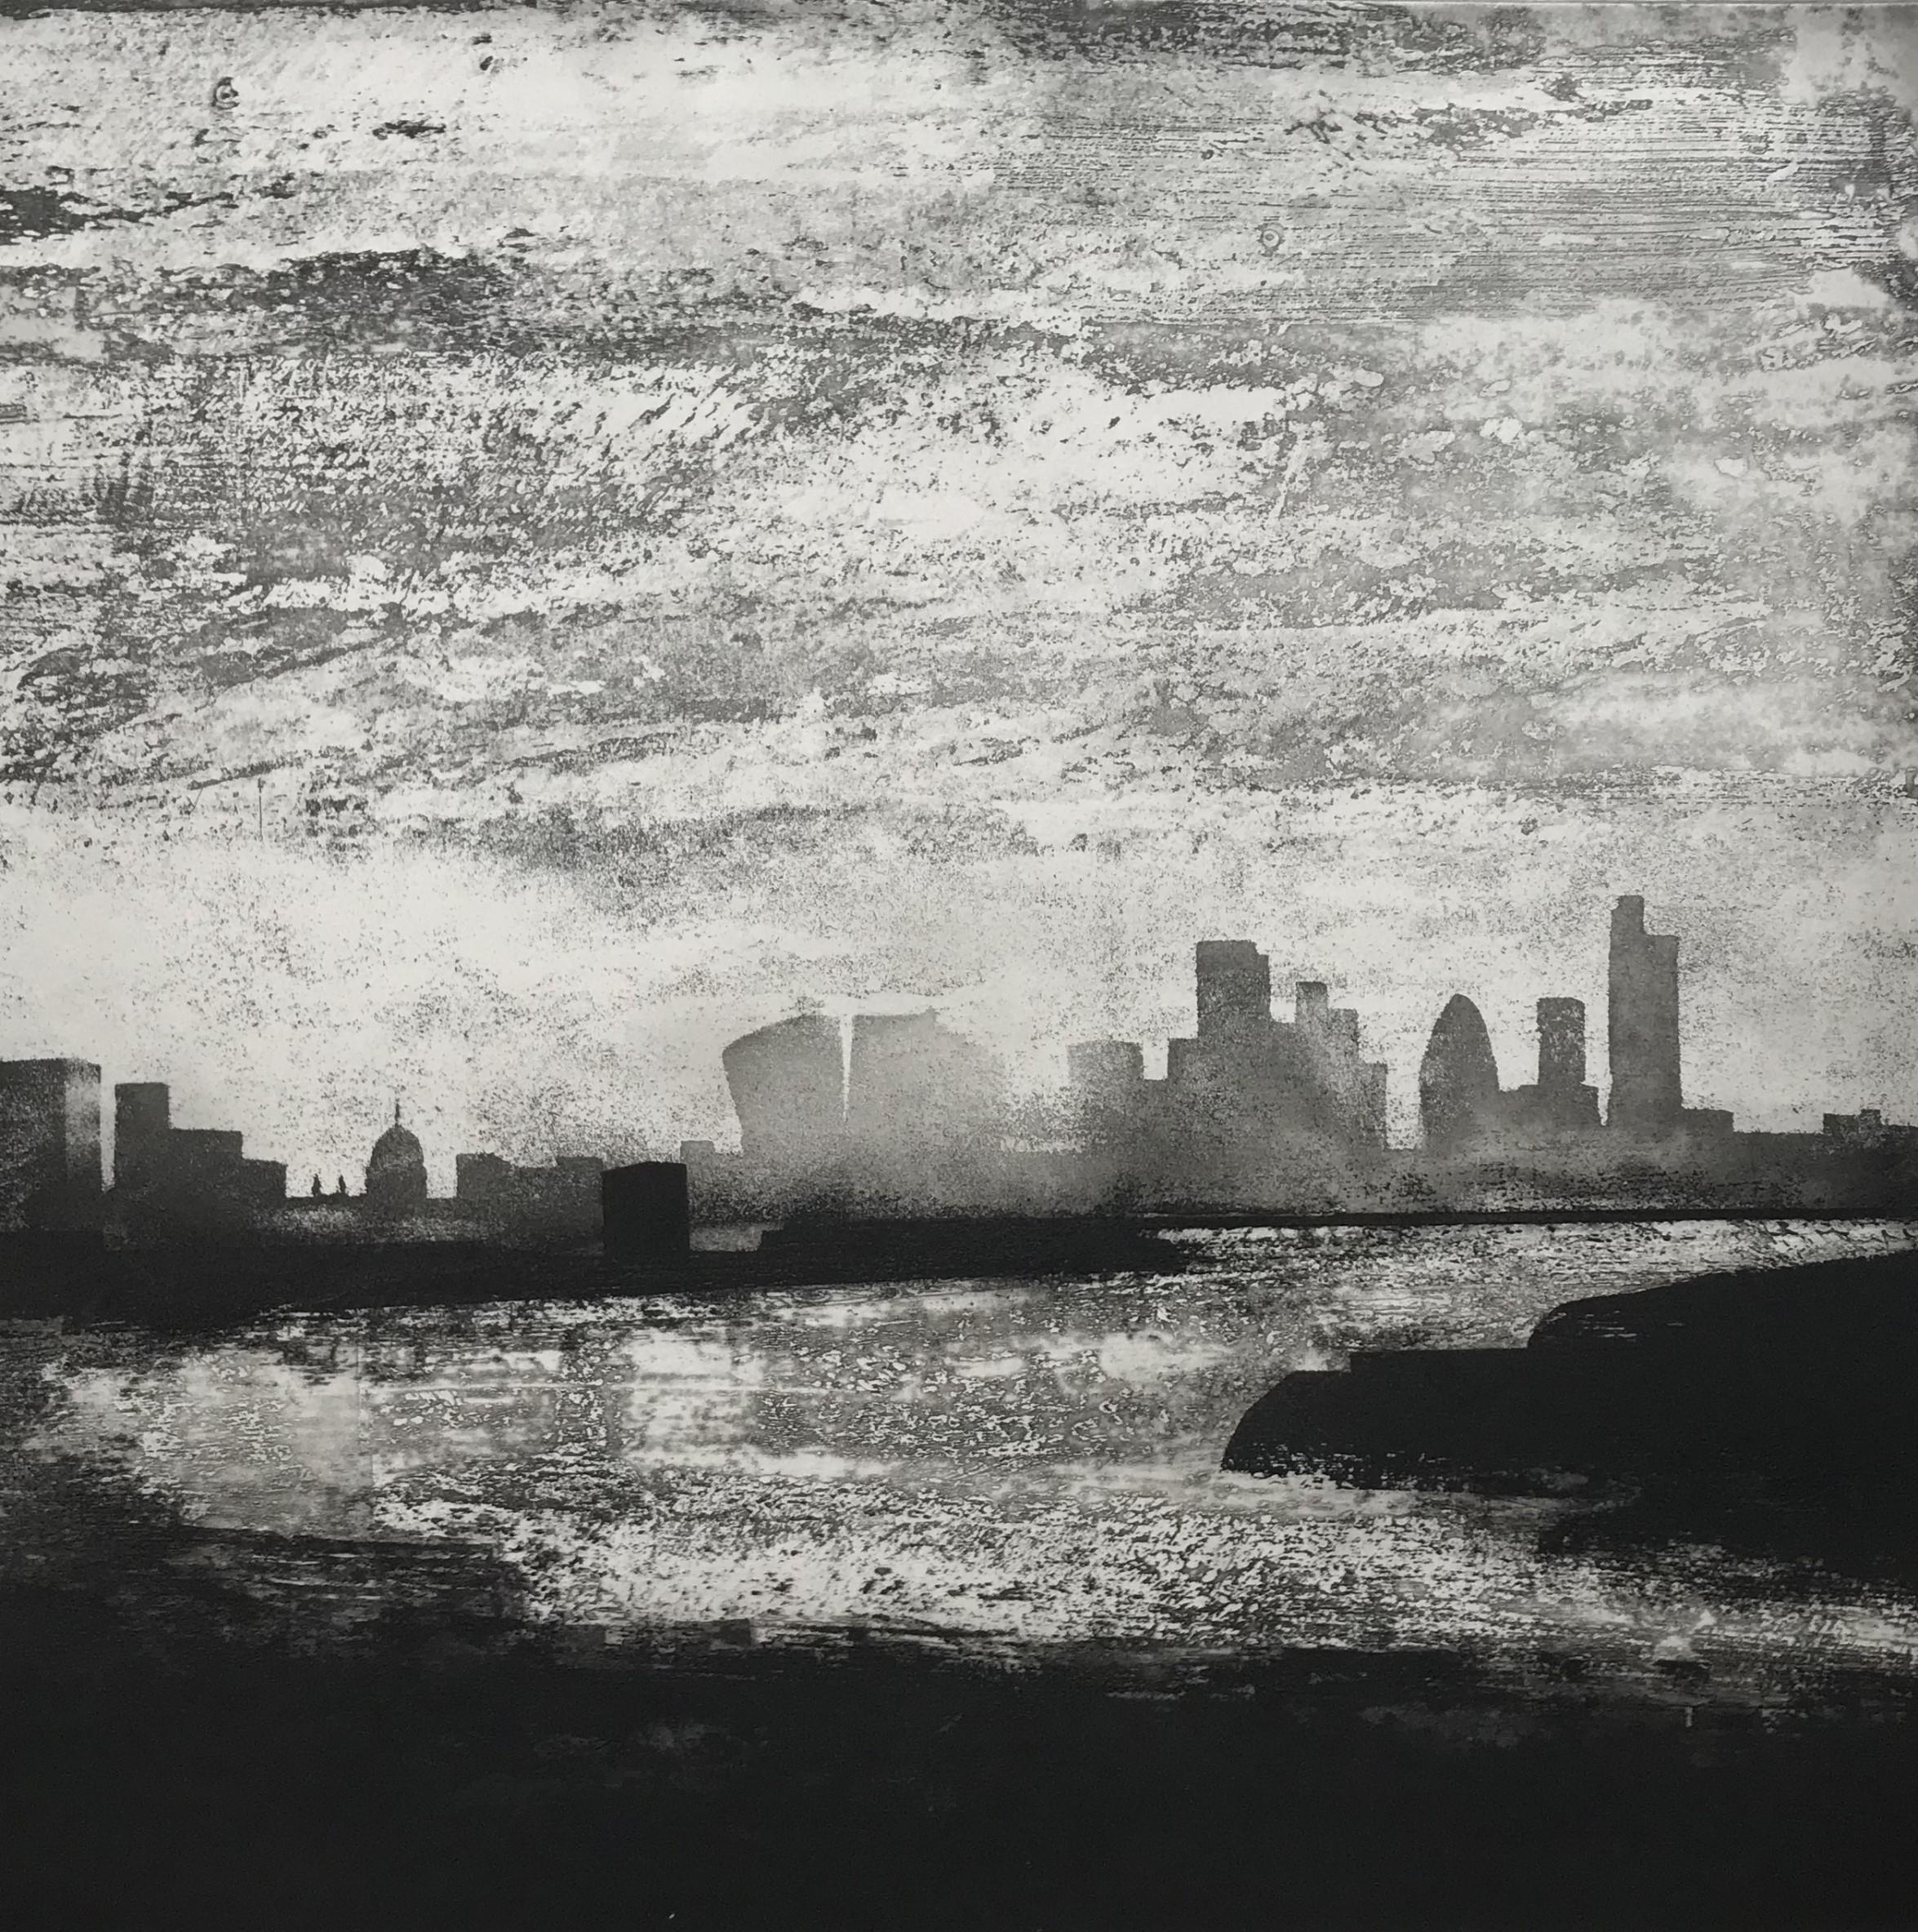 The Thames. Greenwich Reach